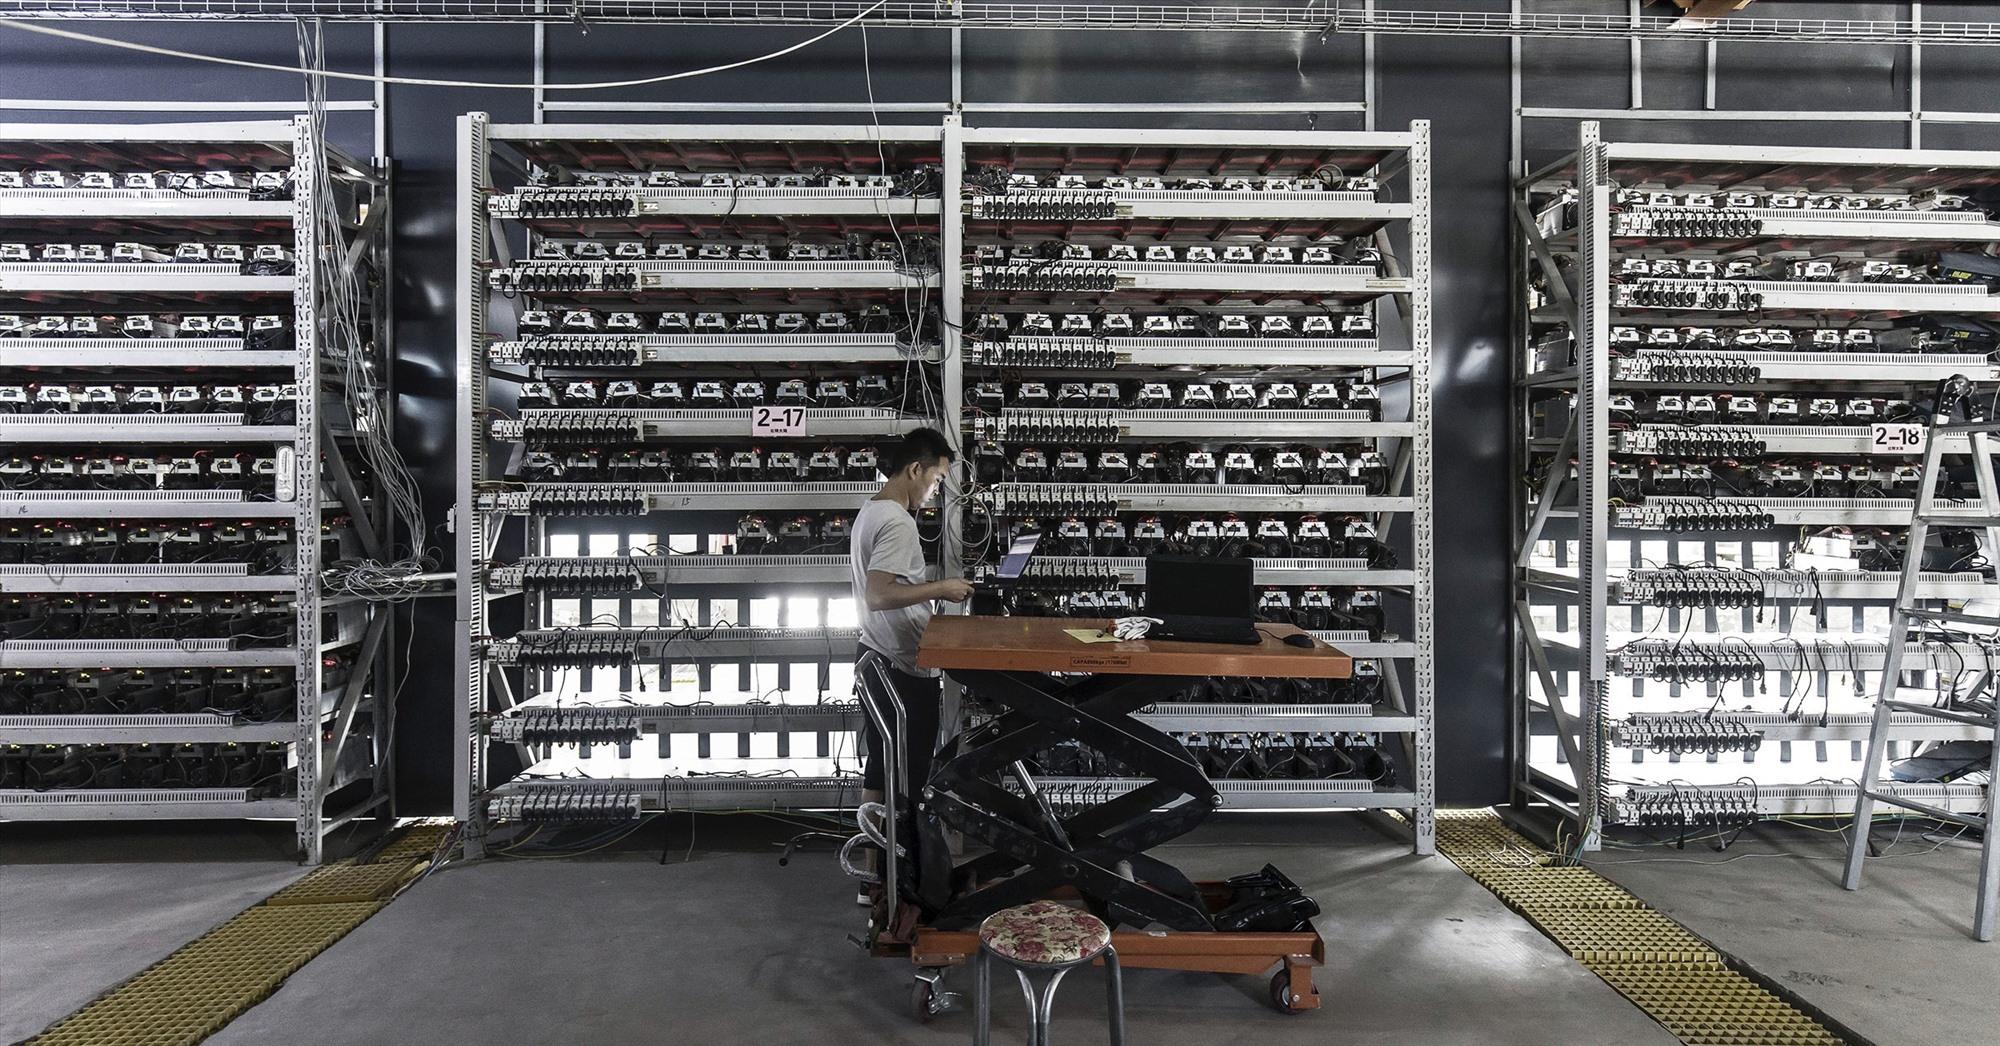 Hàng ngàn máy đào bitcoin cỡ lớn ở Trung Quốc phải xếp xó khi thị trường tiền điện tử thoái trào. Ảnh: Getty Images